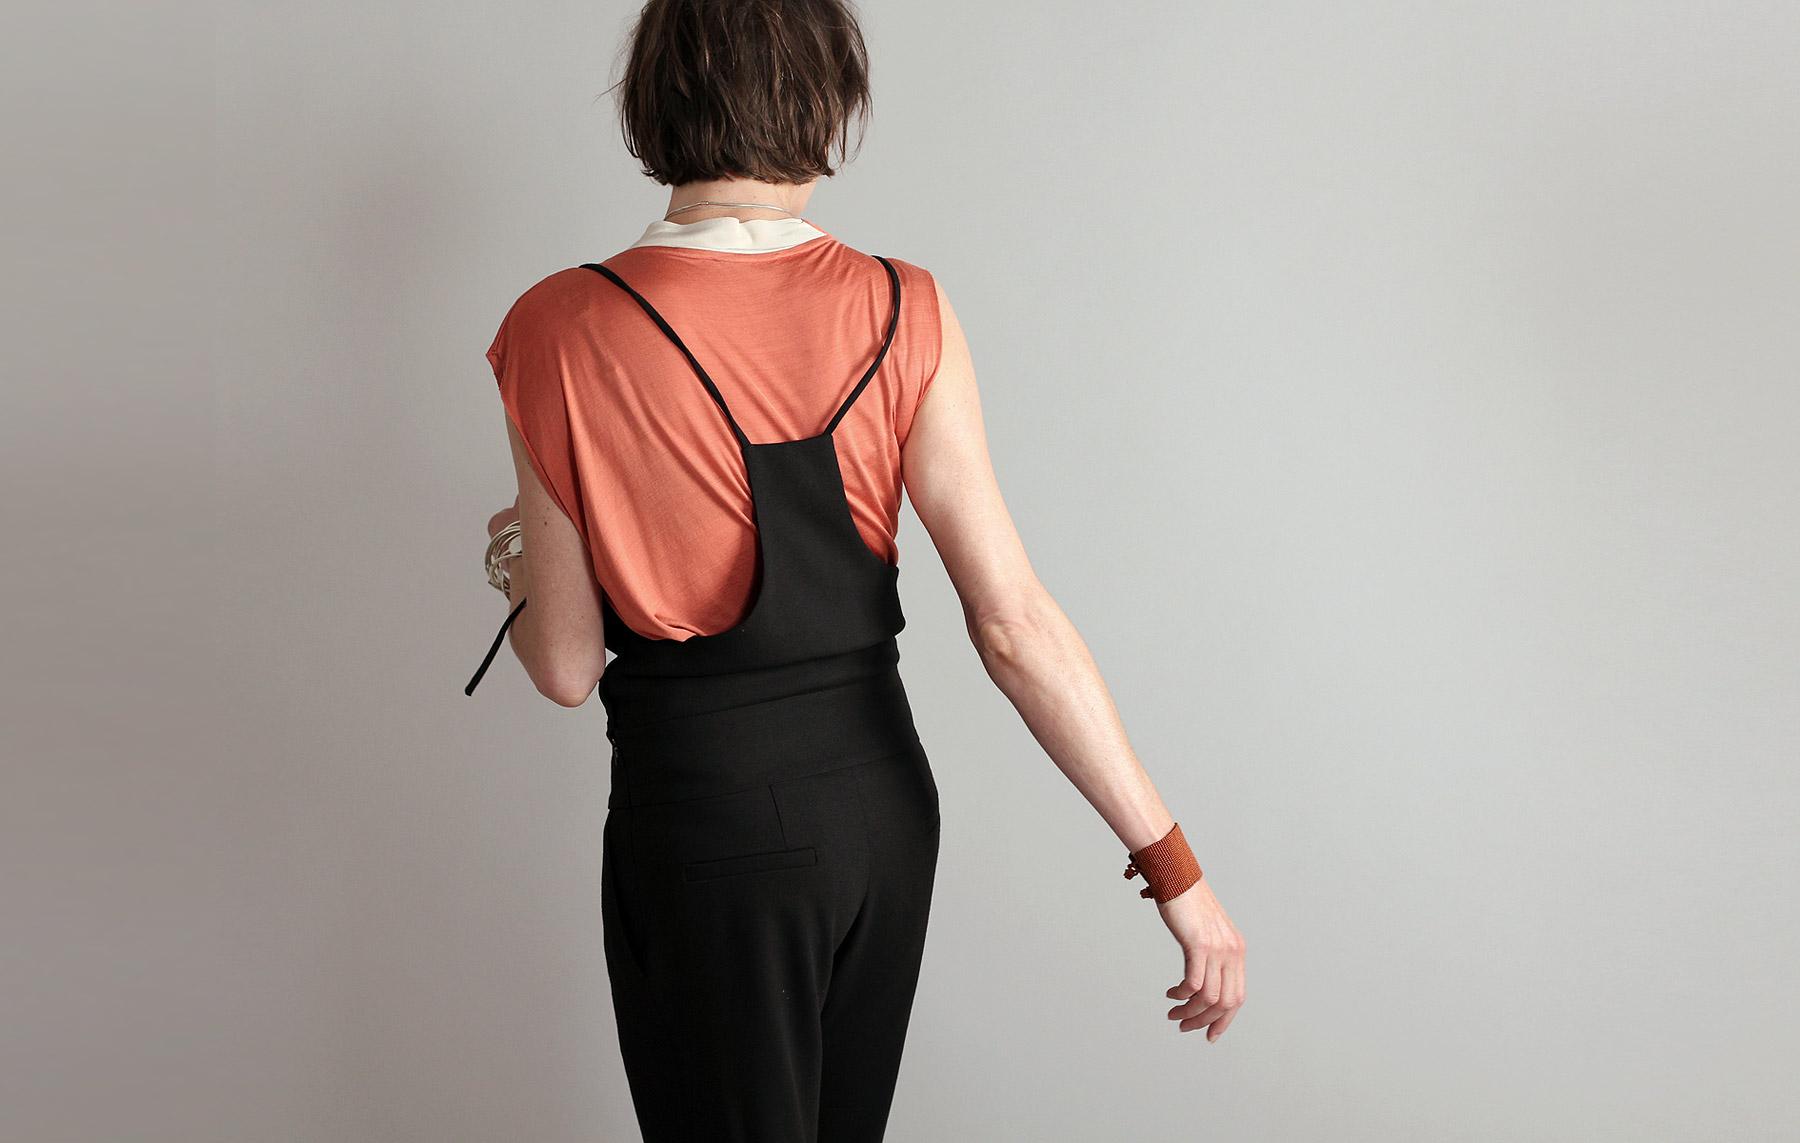 schwarze-latzhose-by-paula-immich-mode-und-geld